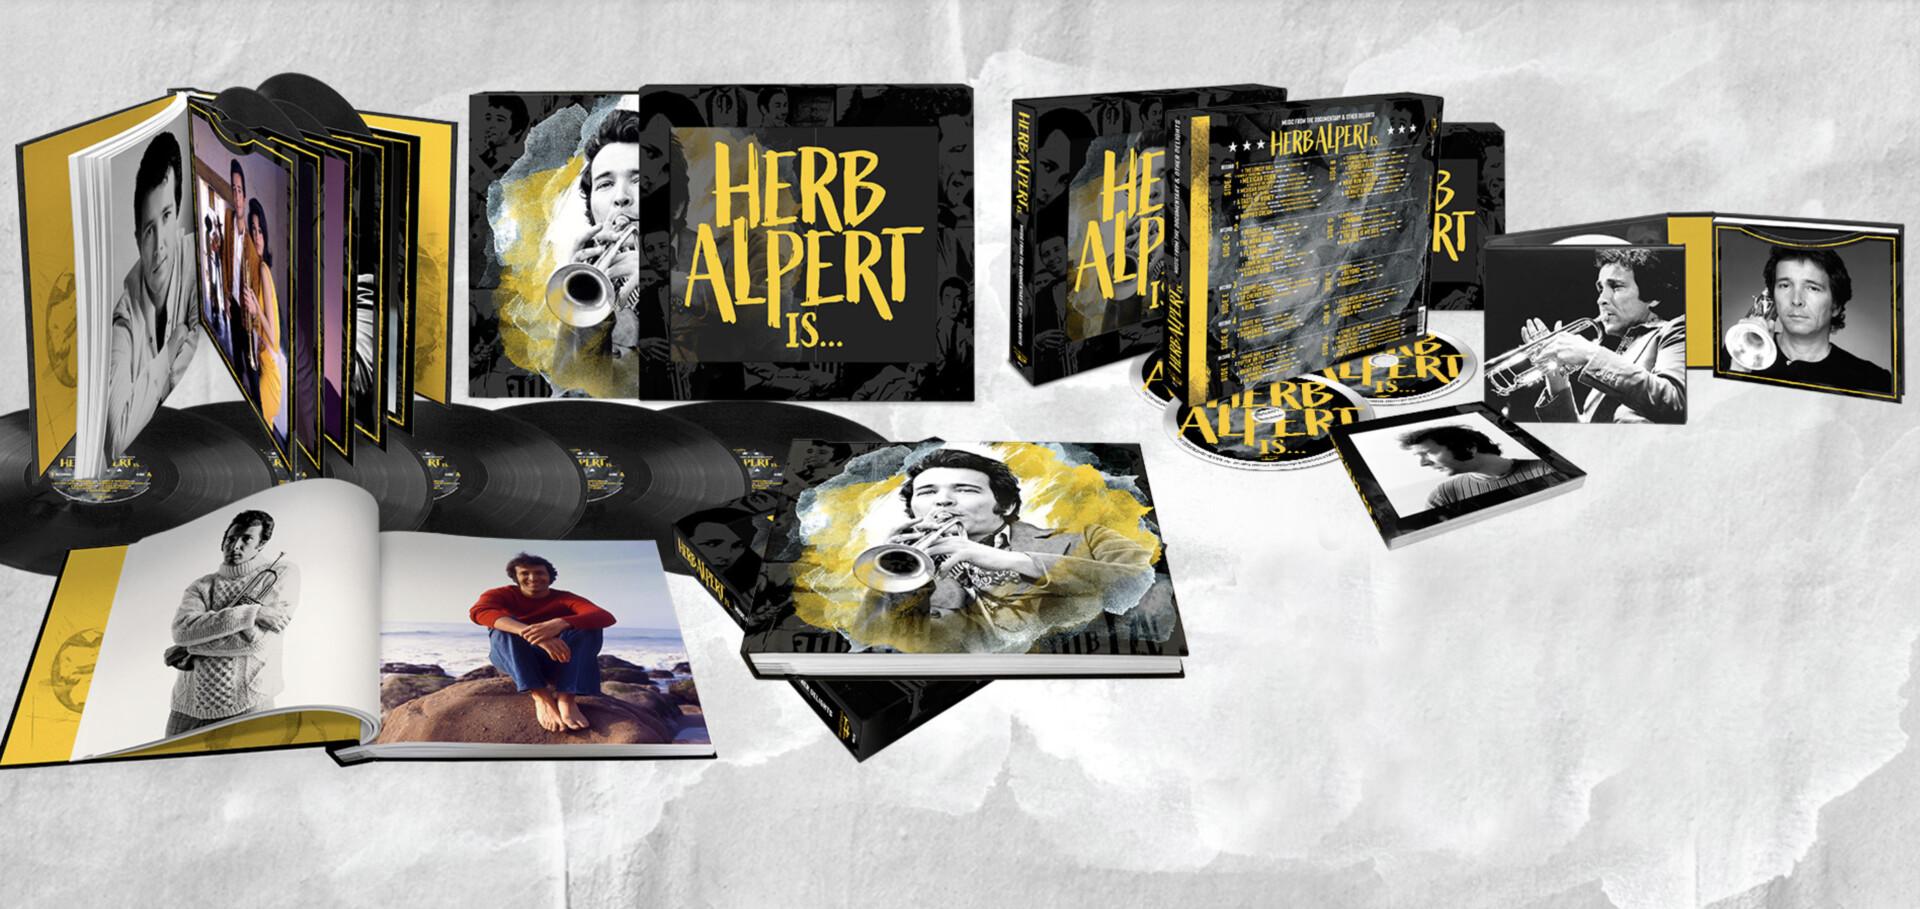 Deluxe Vinyl & CD Packaging for Legend Herb Alpert